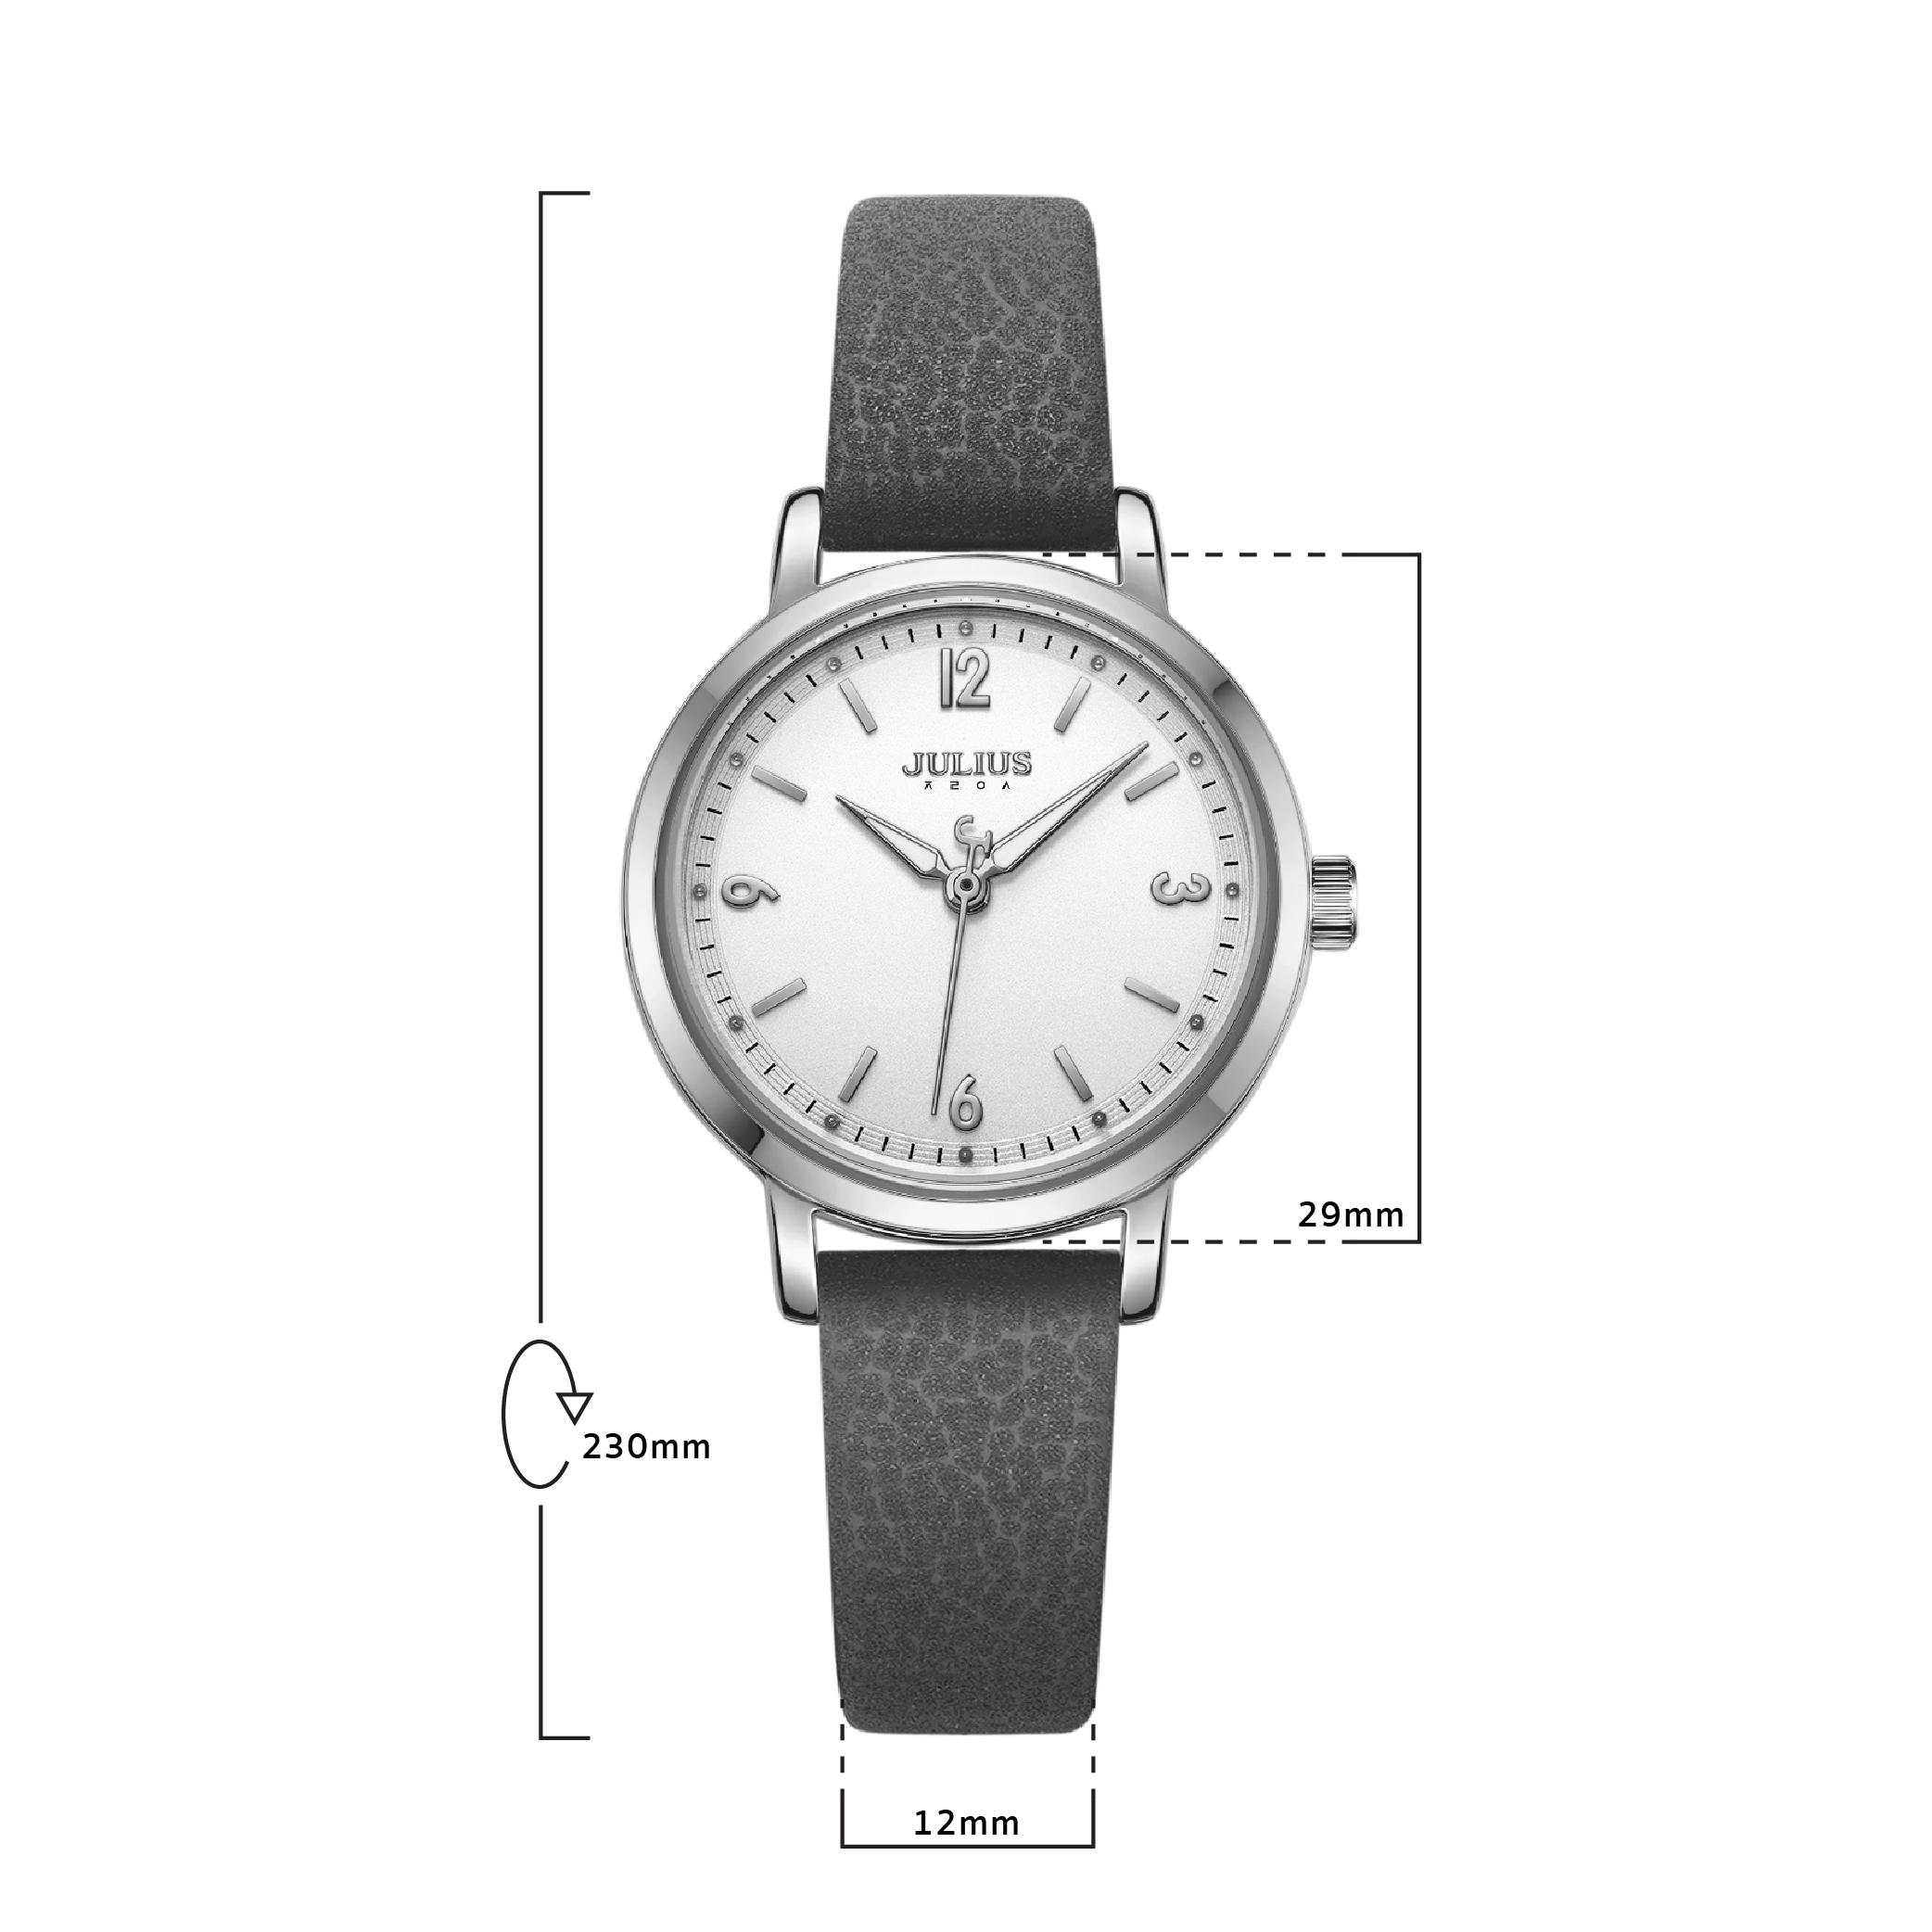 นาฬิกาข้อมือผู้หญิง JULIUS JA-1070 A